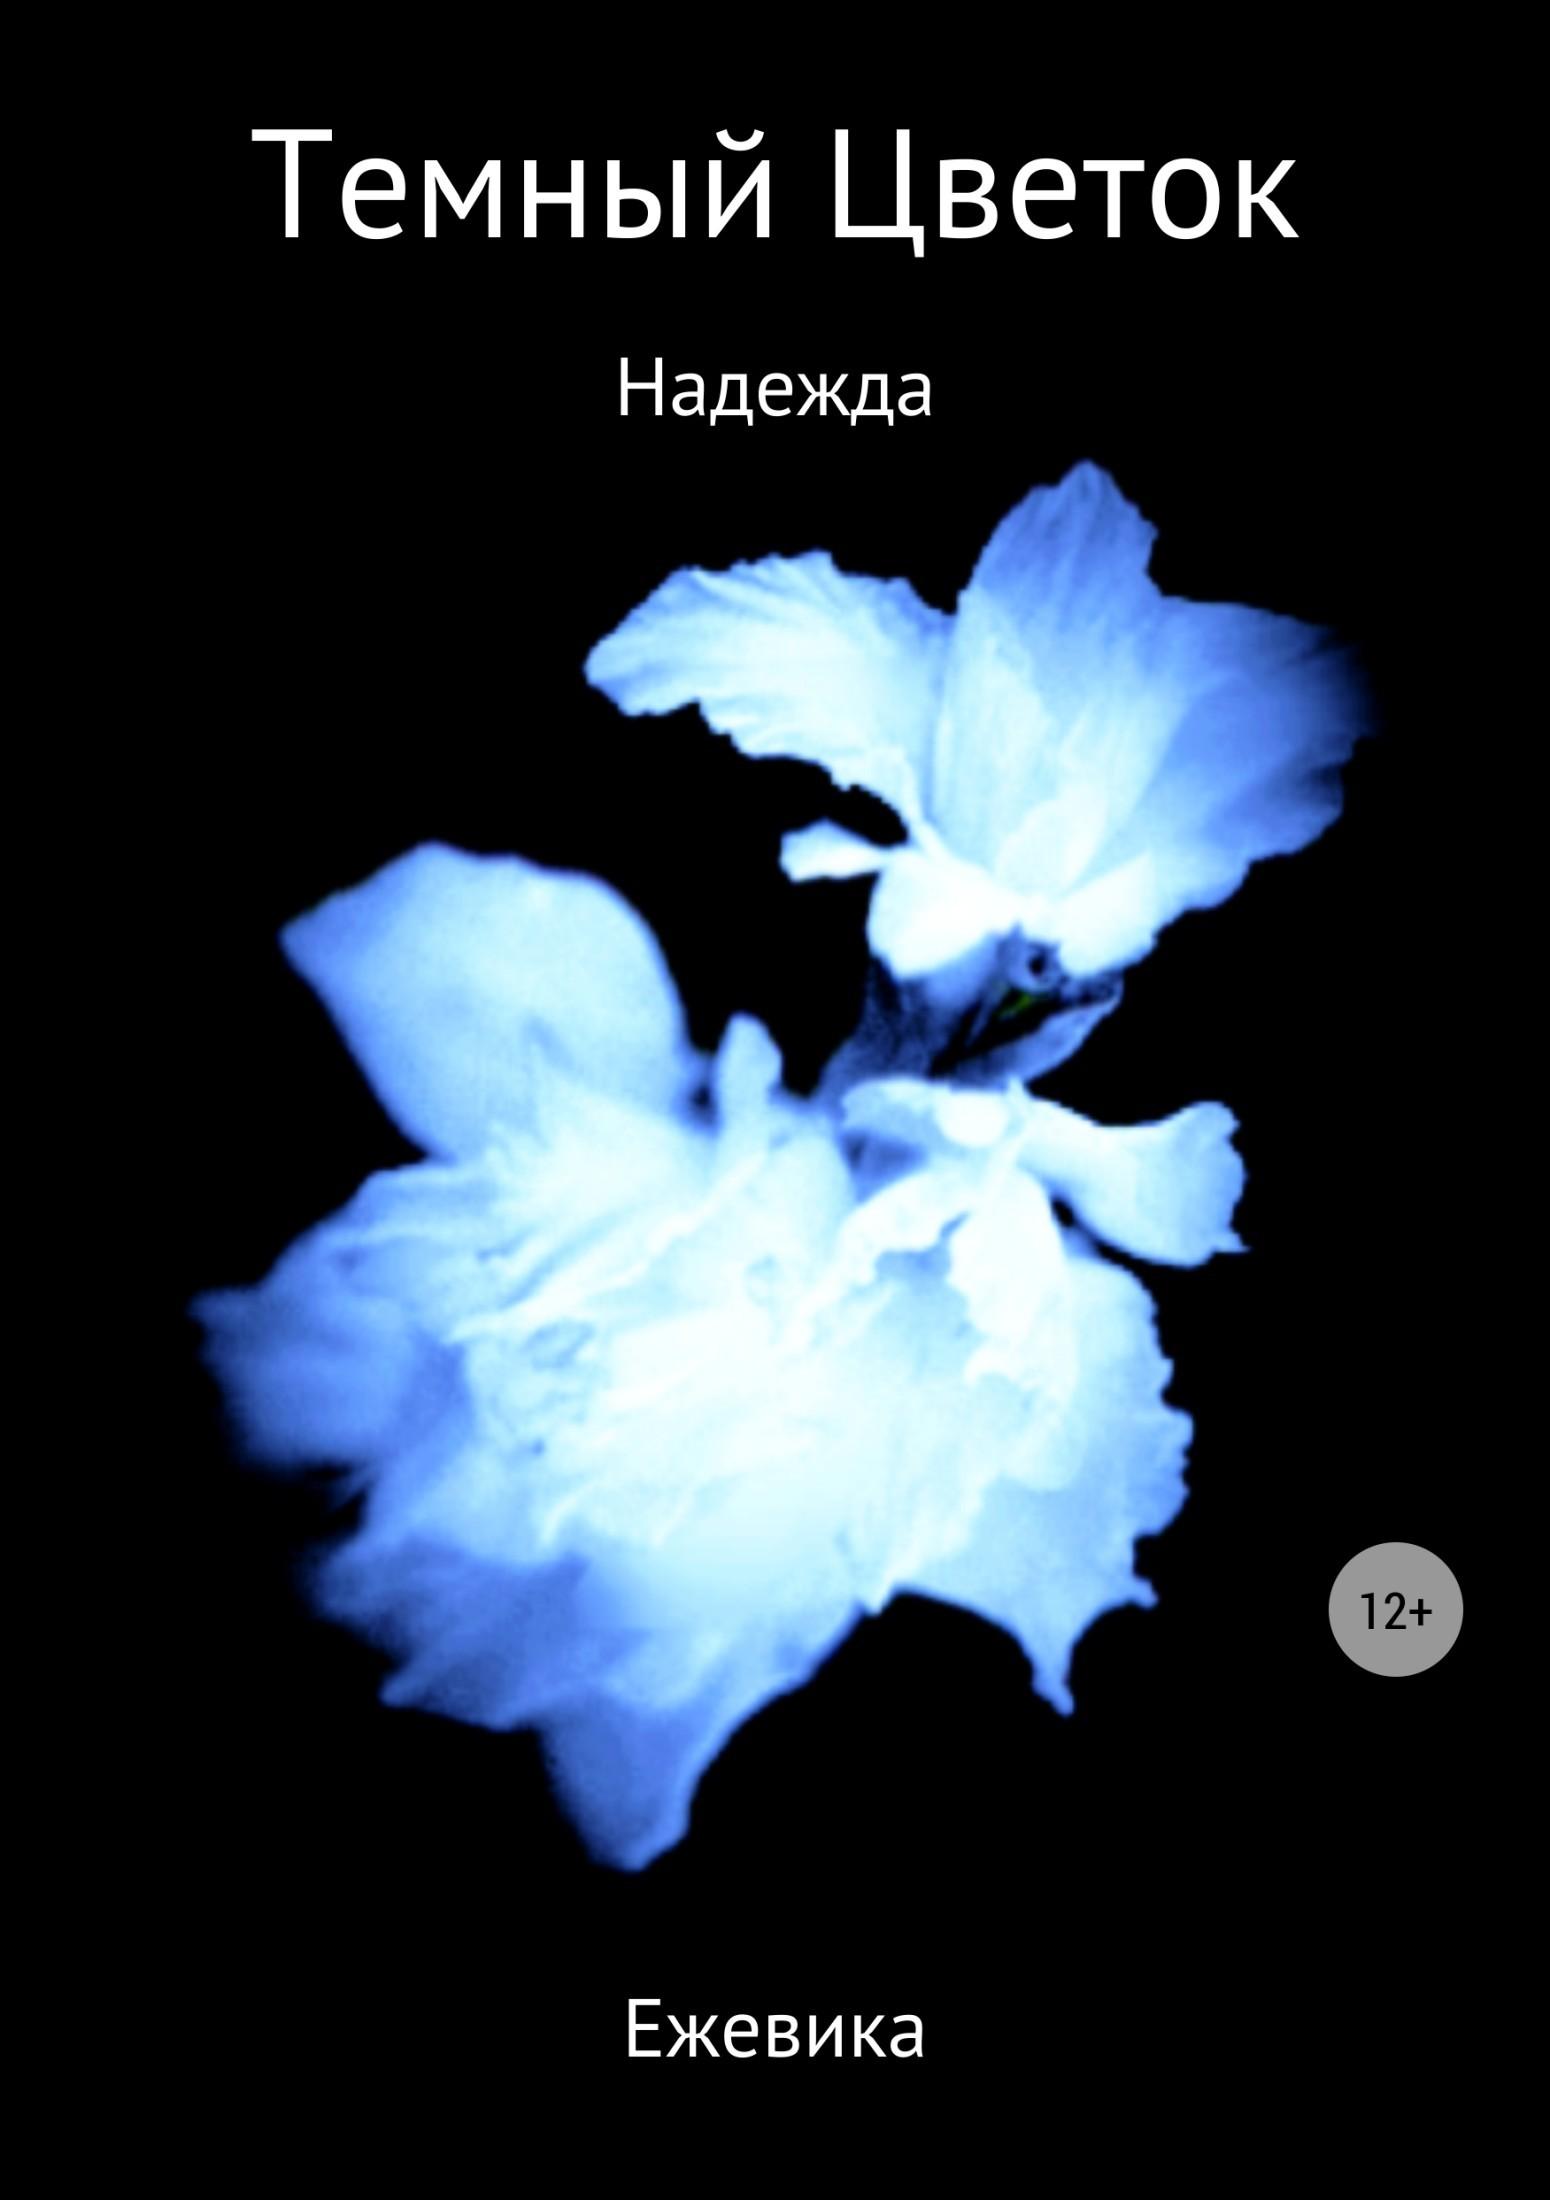 Имя Ежевика - Темный Цветок. Надежда